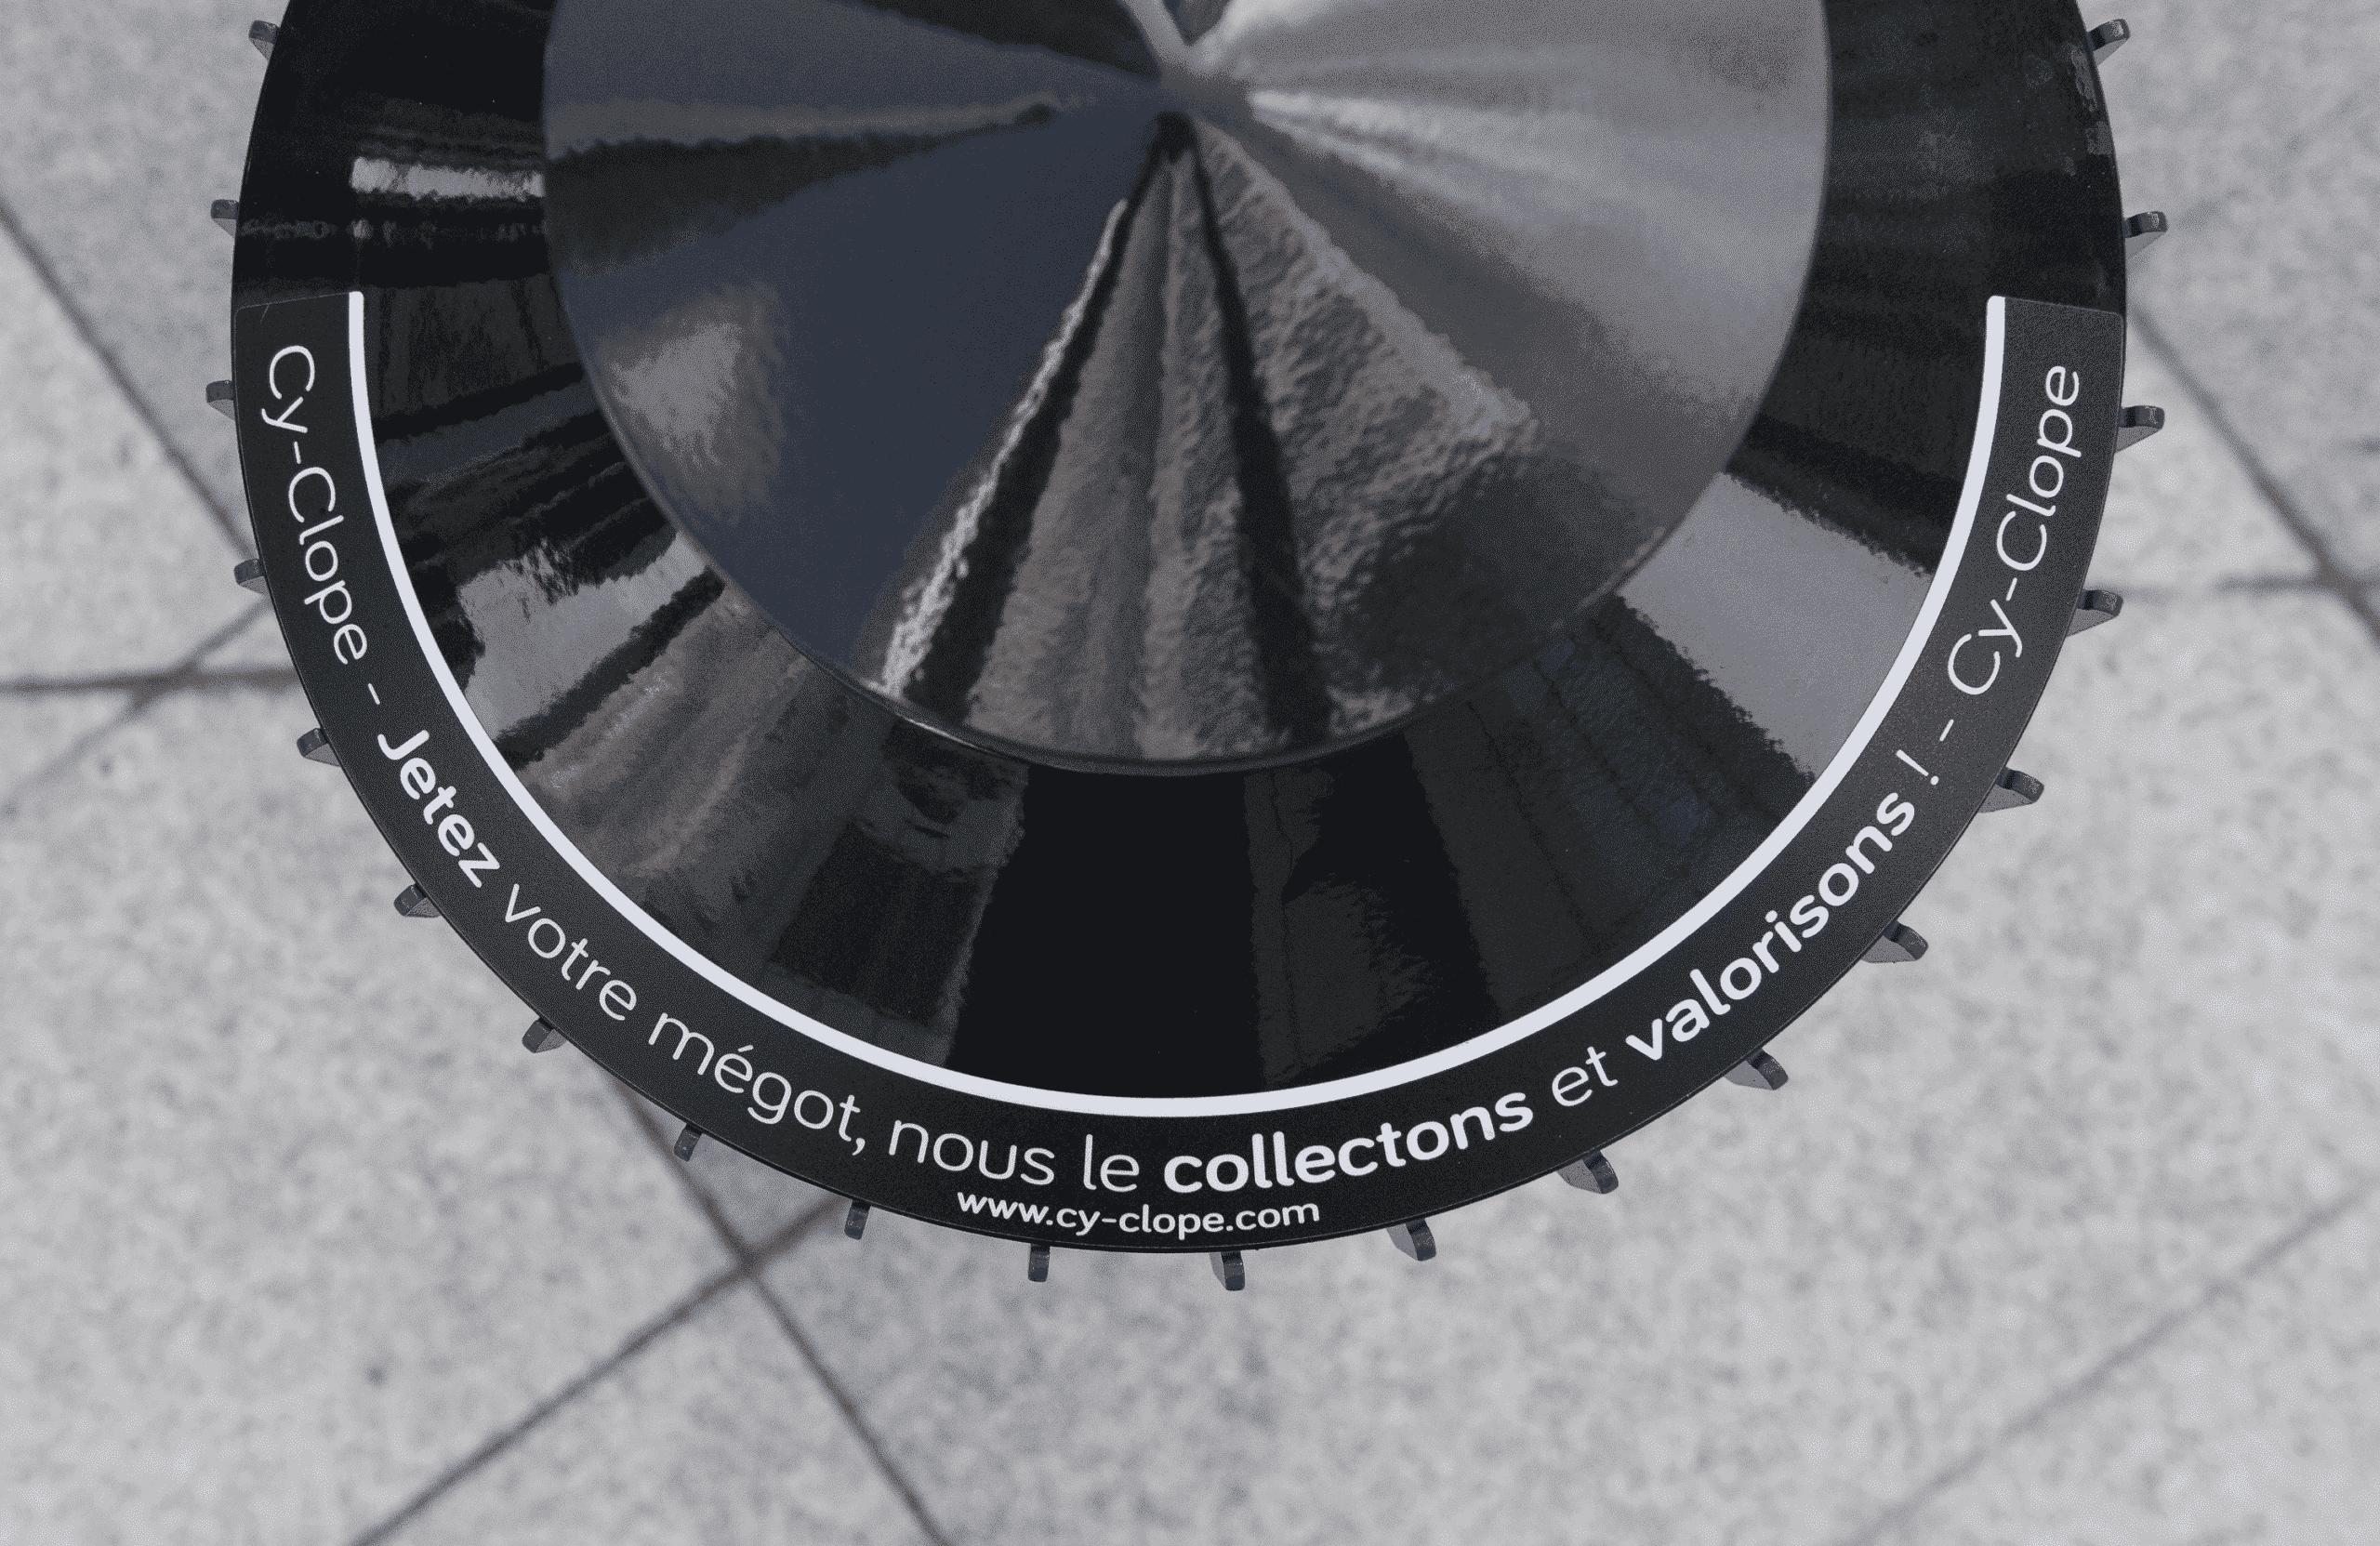 La collecte de mégots dans le monde